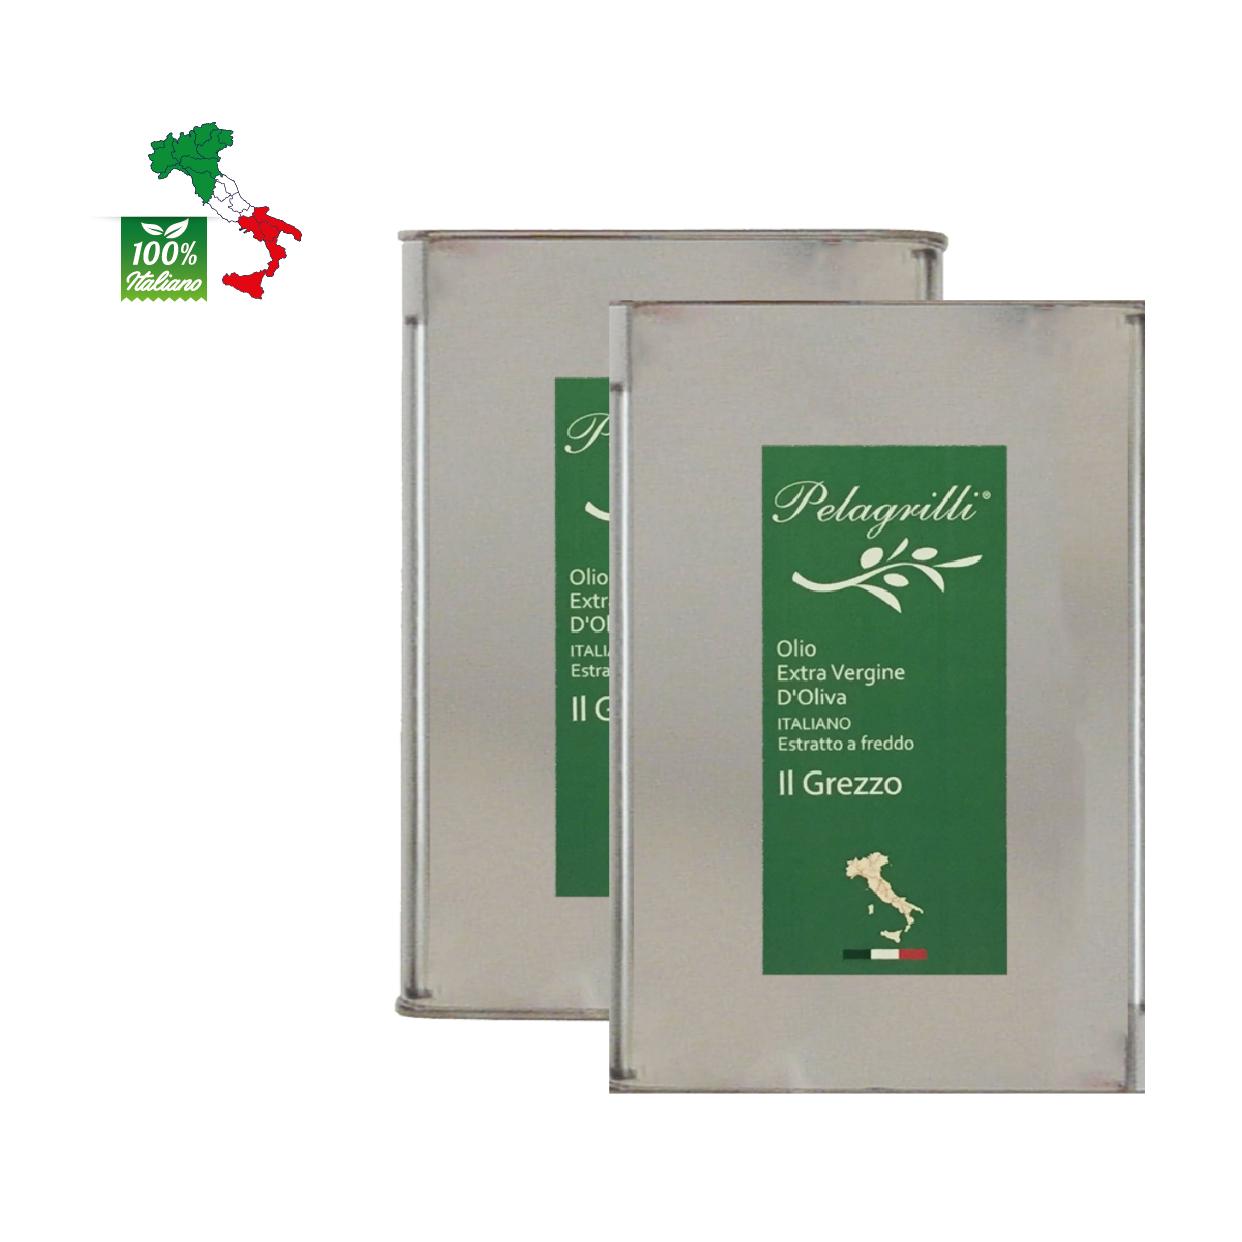 100% ITALIANO - Olio extravergine di oliva - confezione da due lattine da LT 3 ciascuna - Raccolto 2021-2022 - estratto a freddo GREZZO